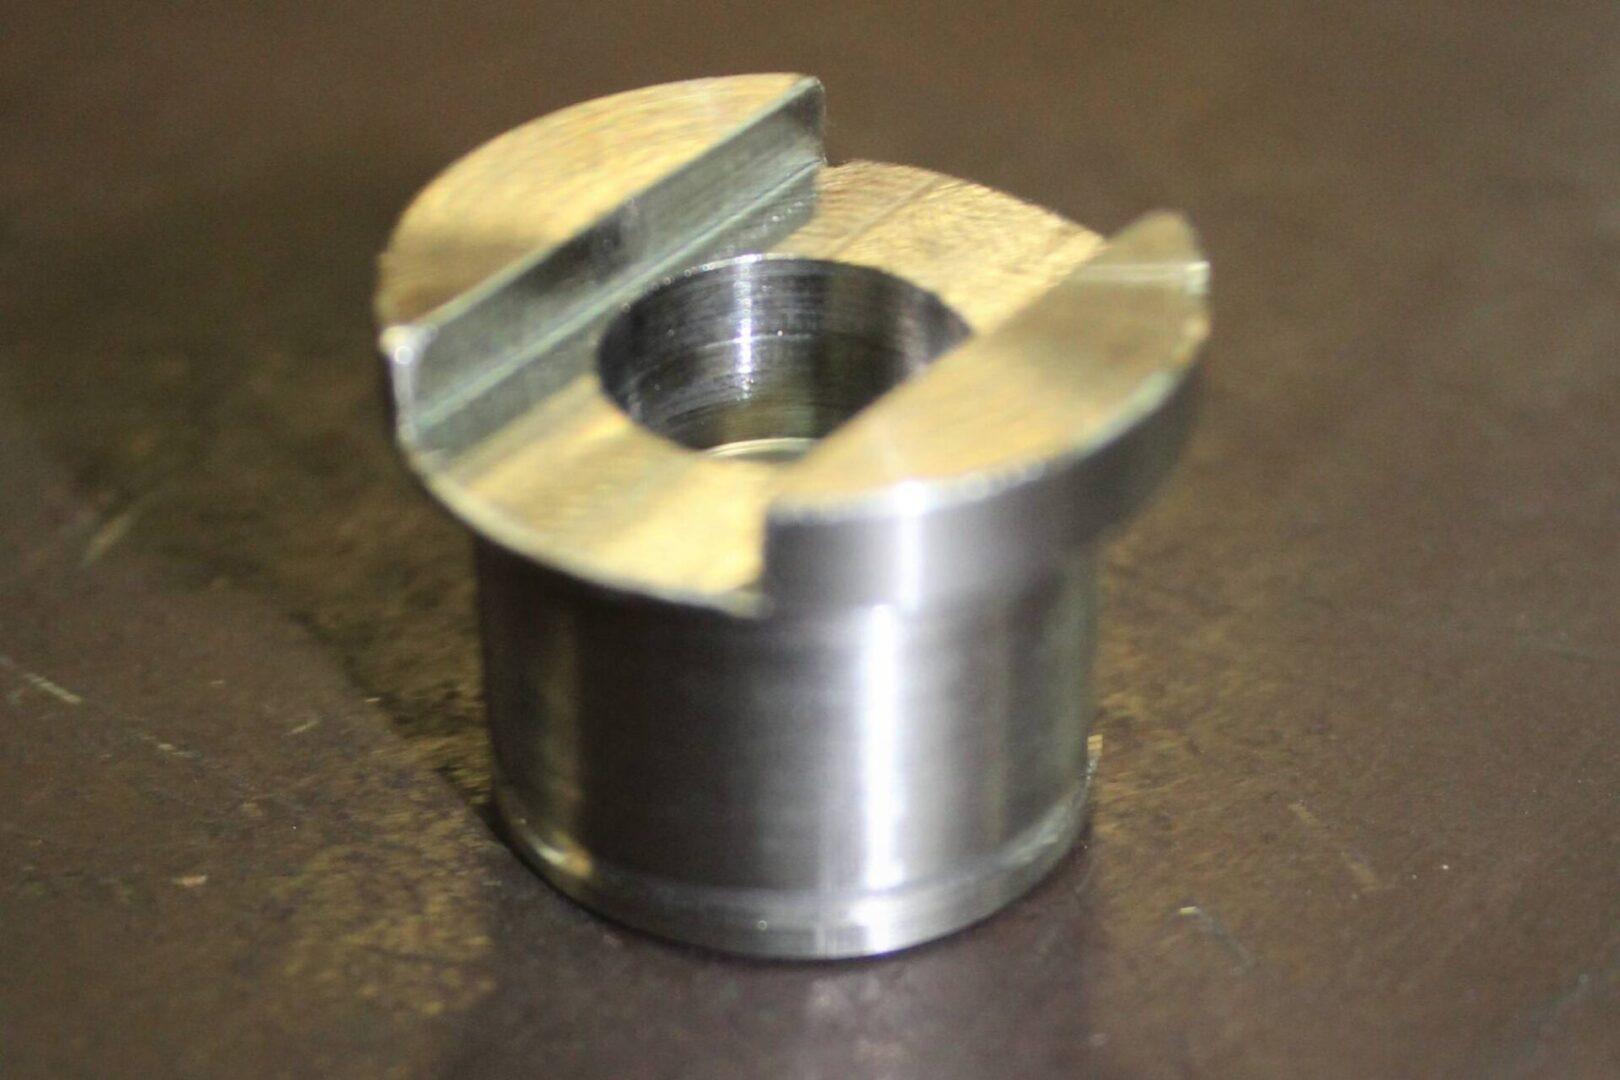 Cape Precision Machine